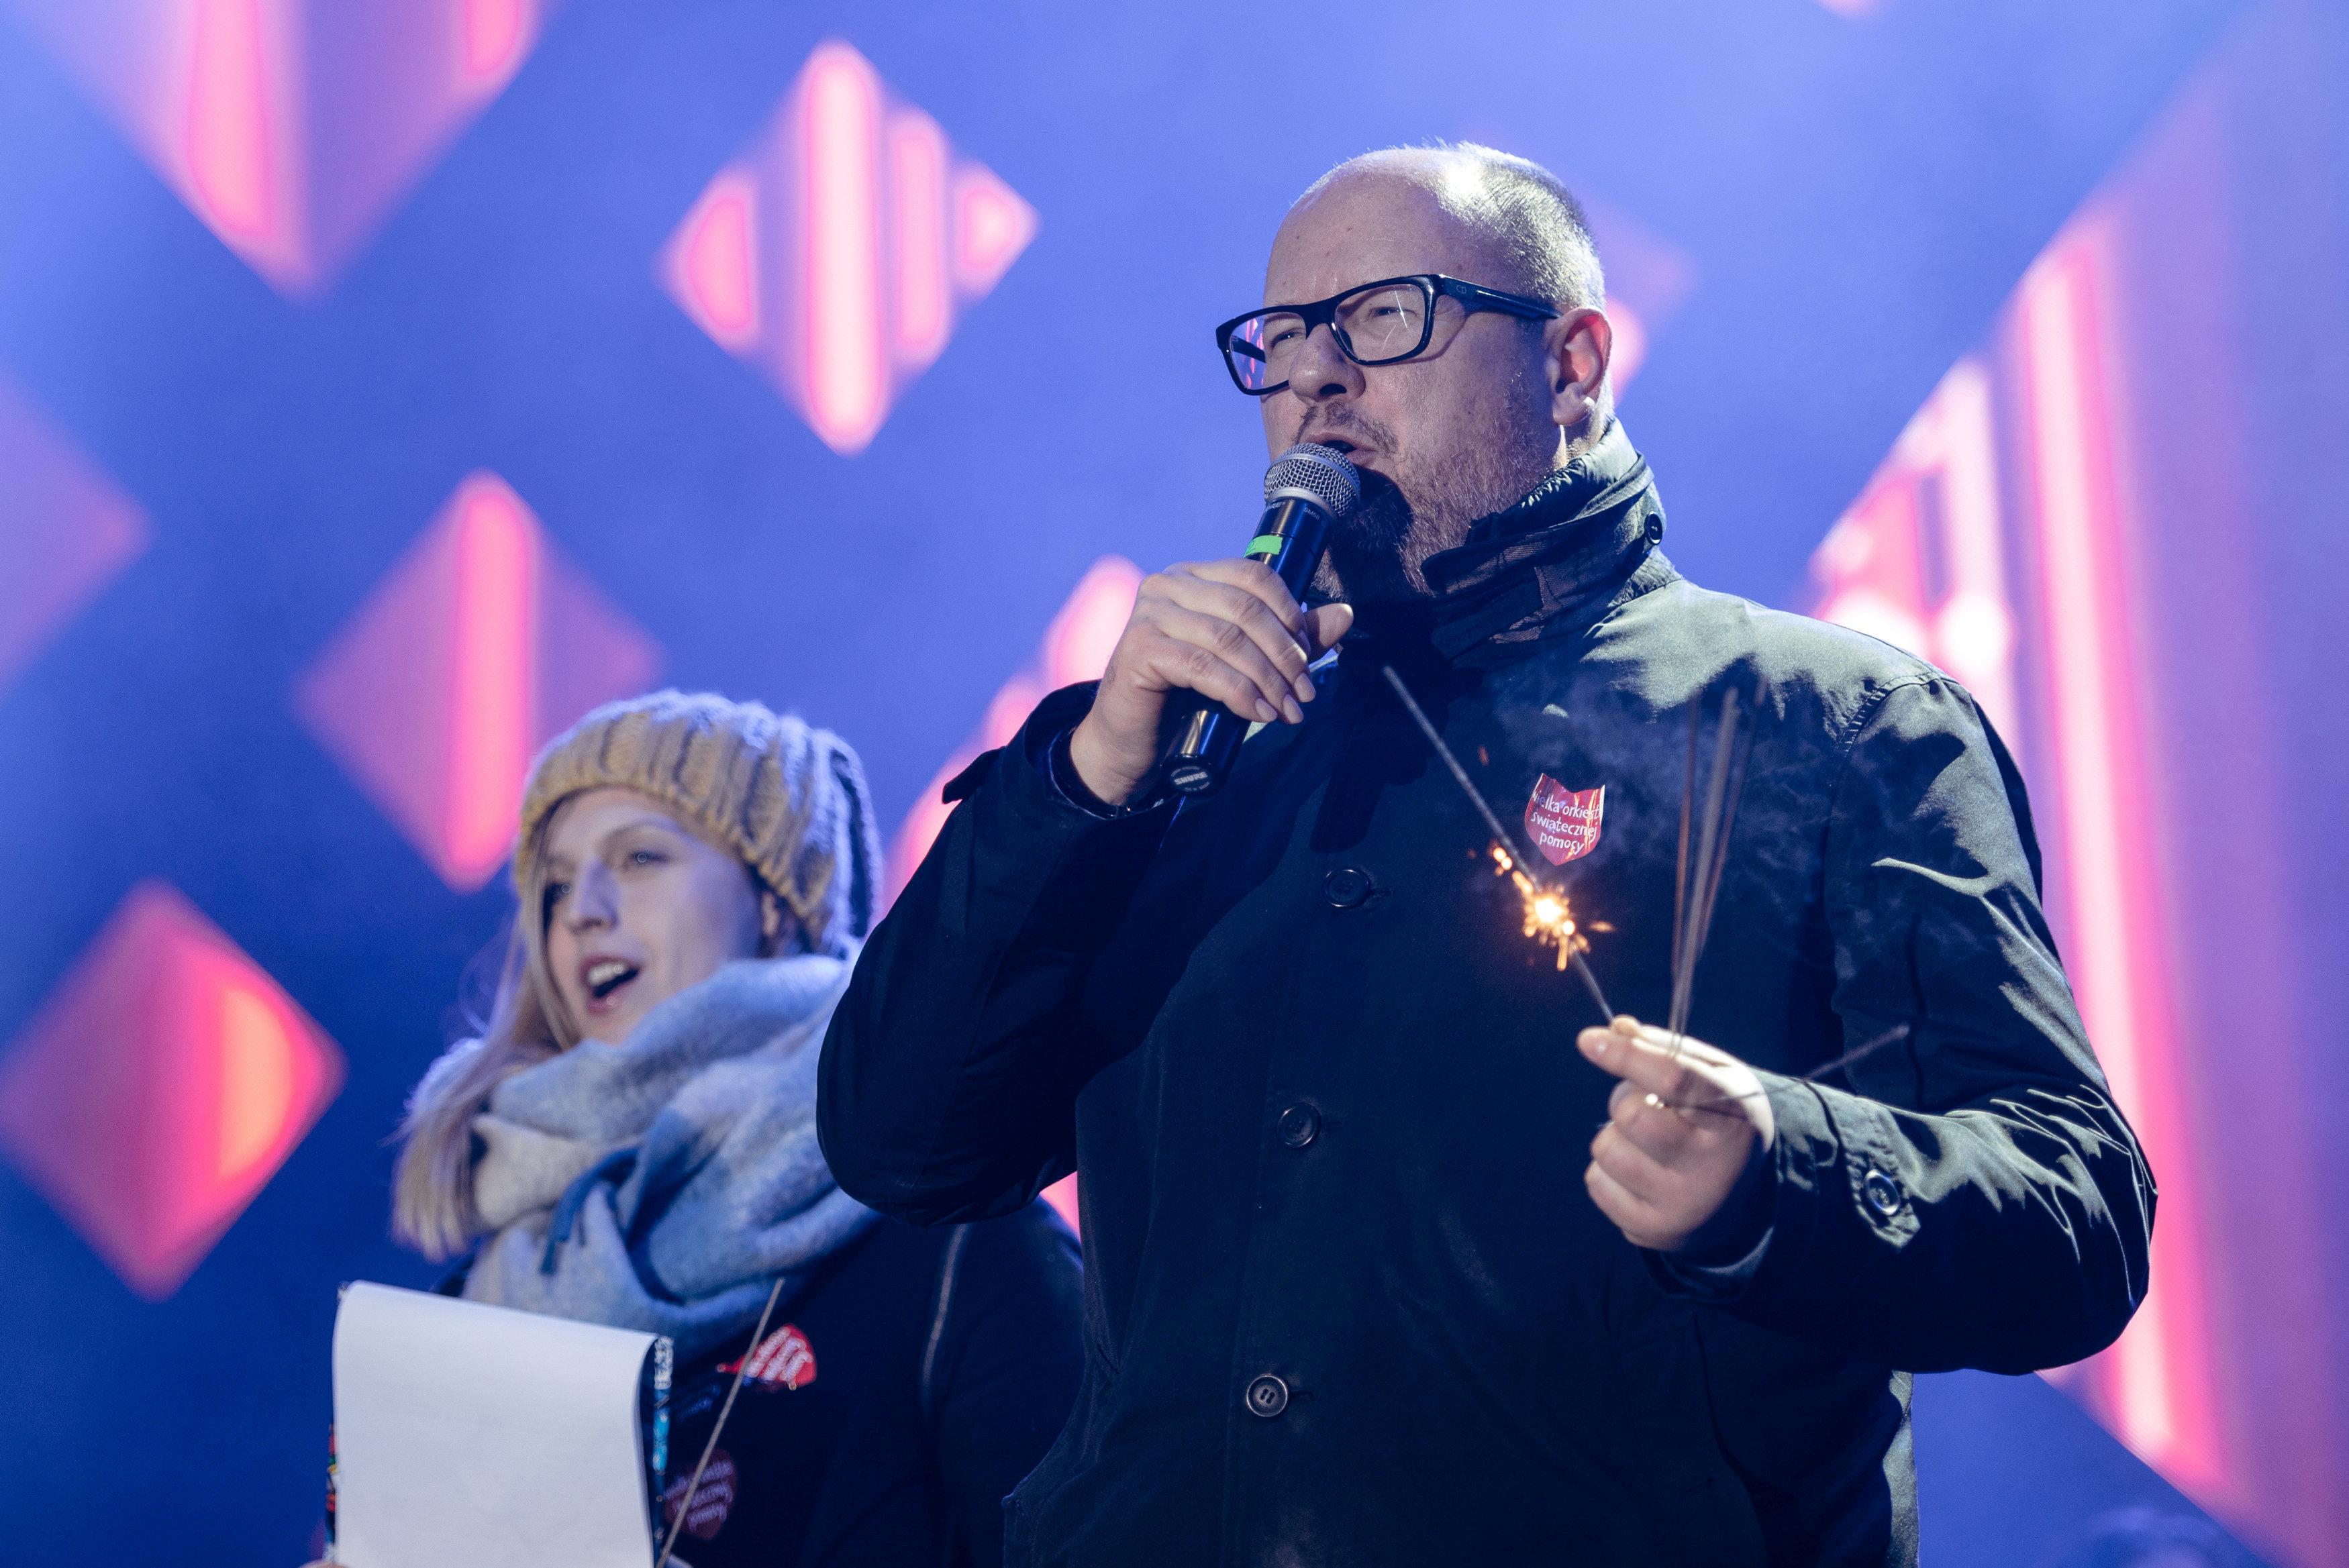 باول اداموفيتش رئيس مدينة جدانسك قبل الحادث (2)